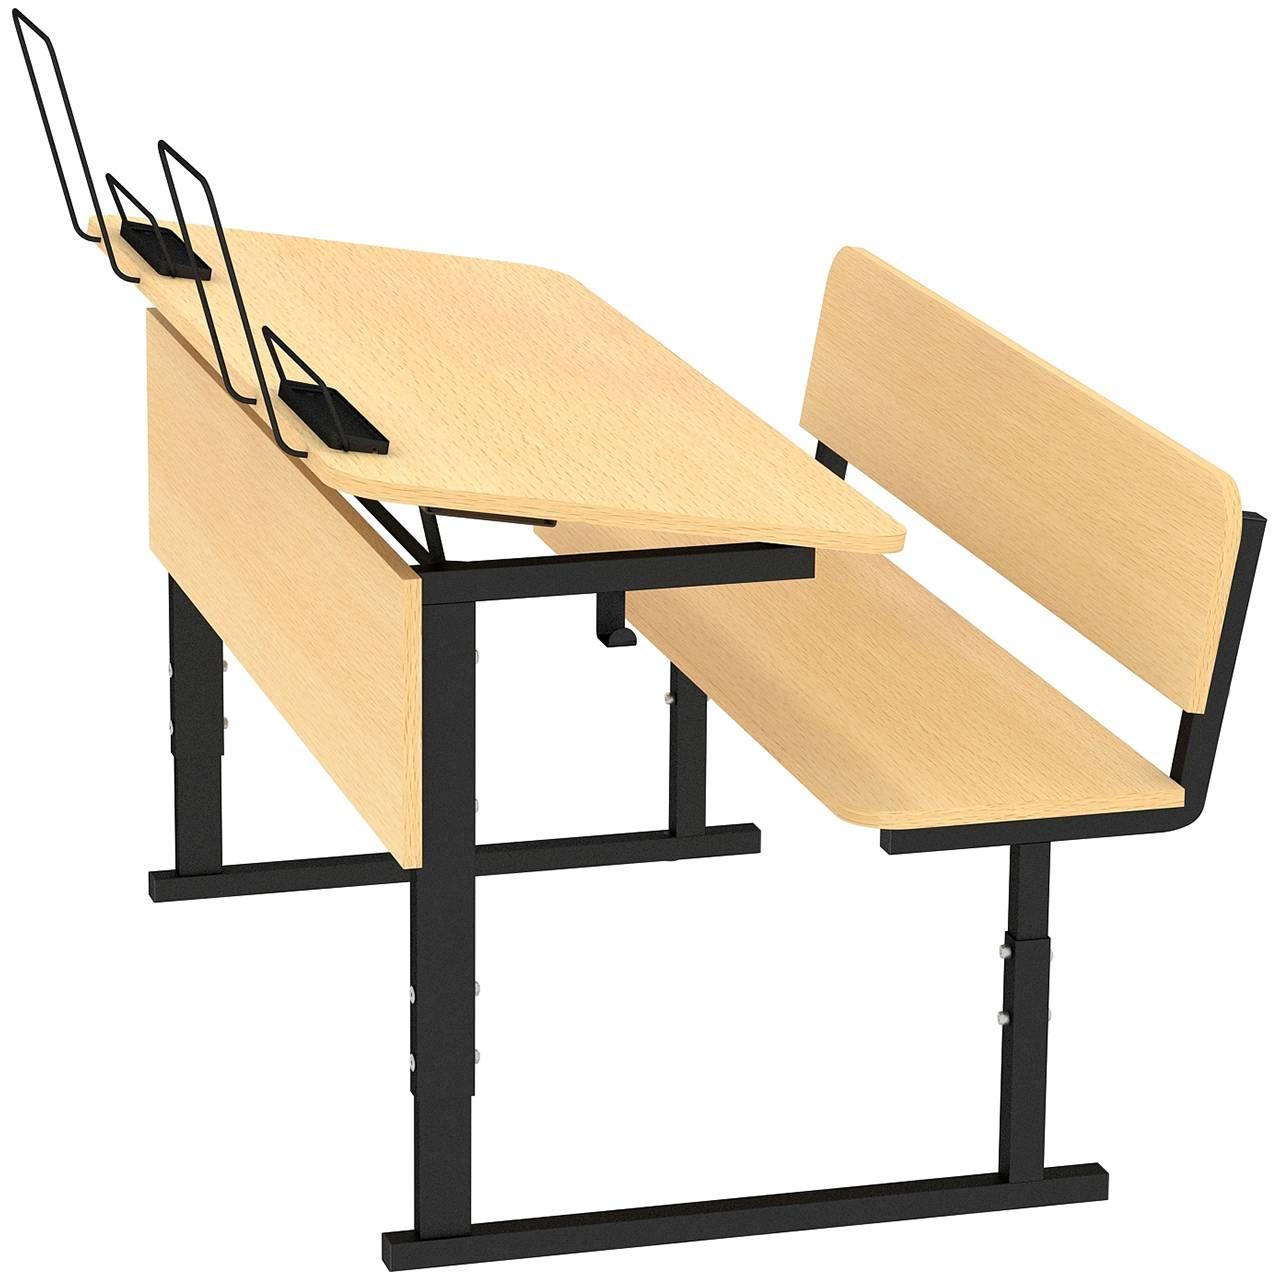 Парта ученическая 2-местная регулируемая по высоте и наклону столешницы 0-10° 2-4, 3-5 или 4-6 гр. черный Клен 3-5 Меламин